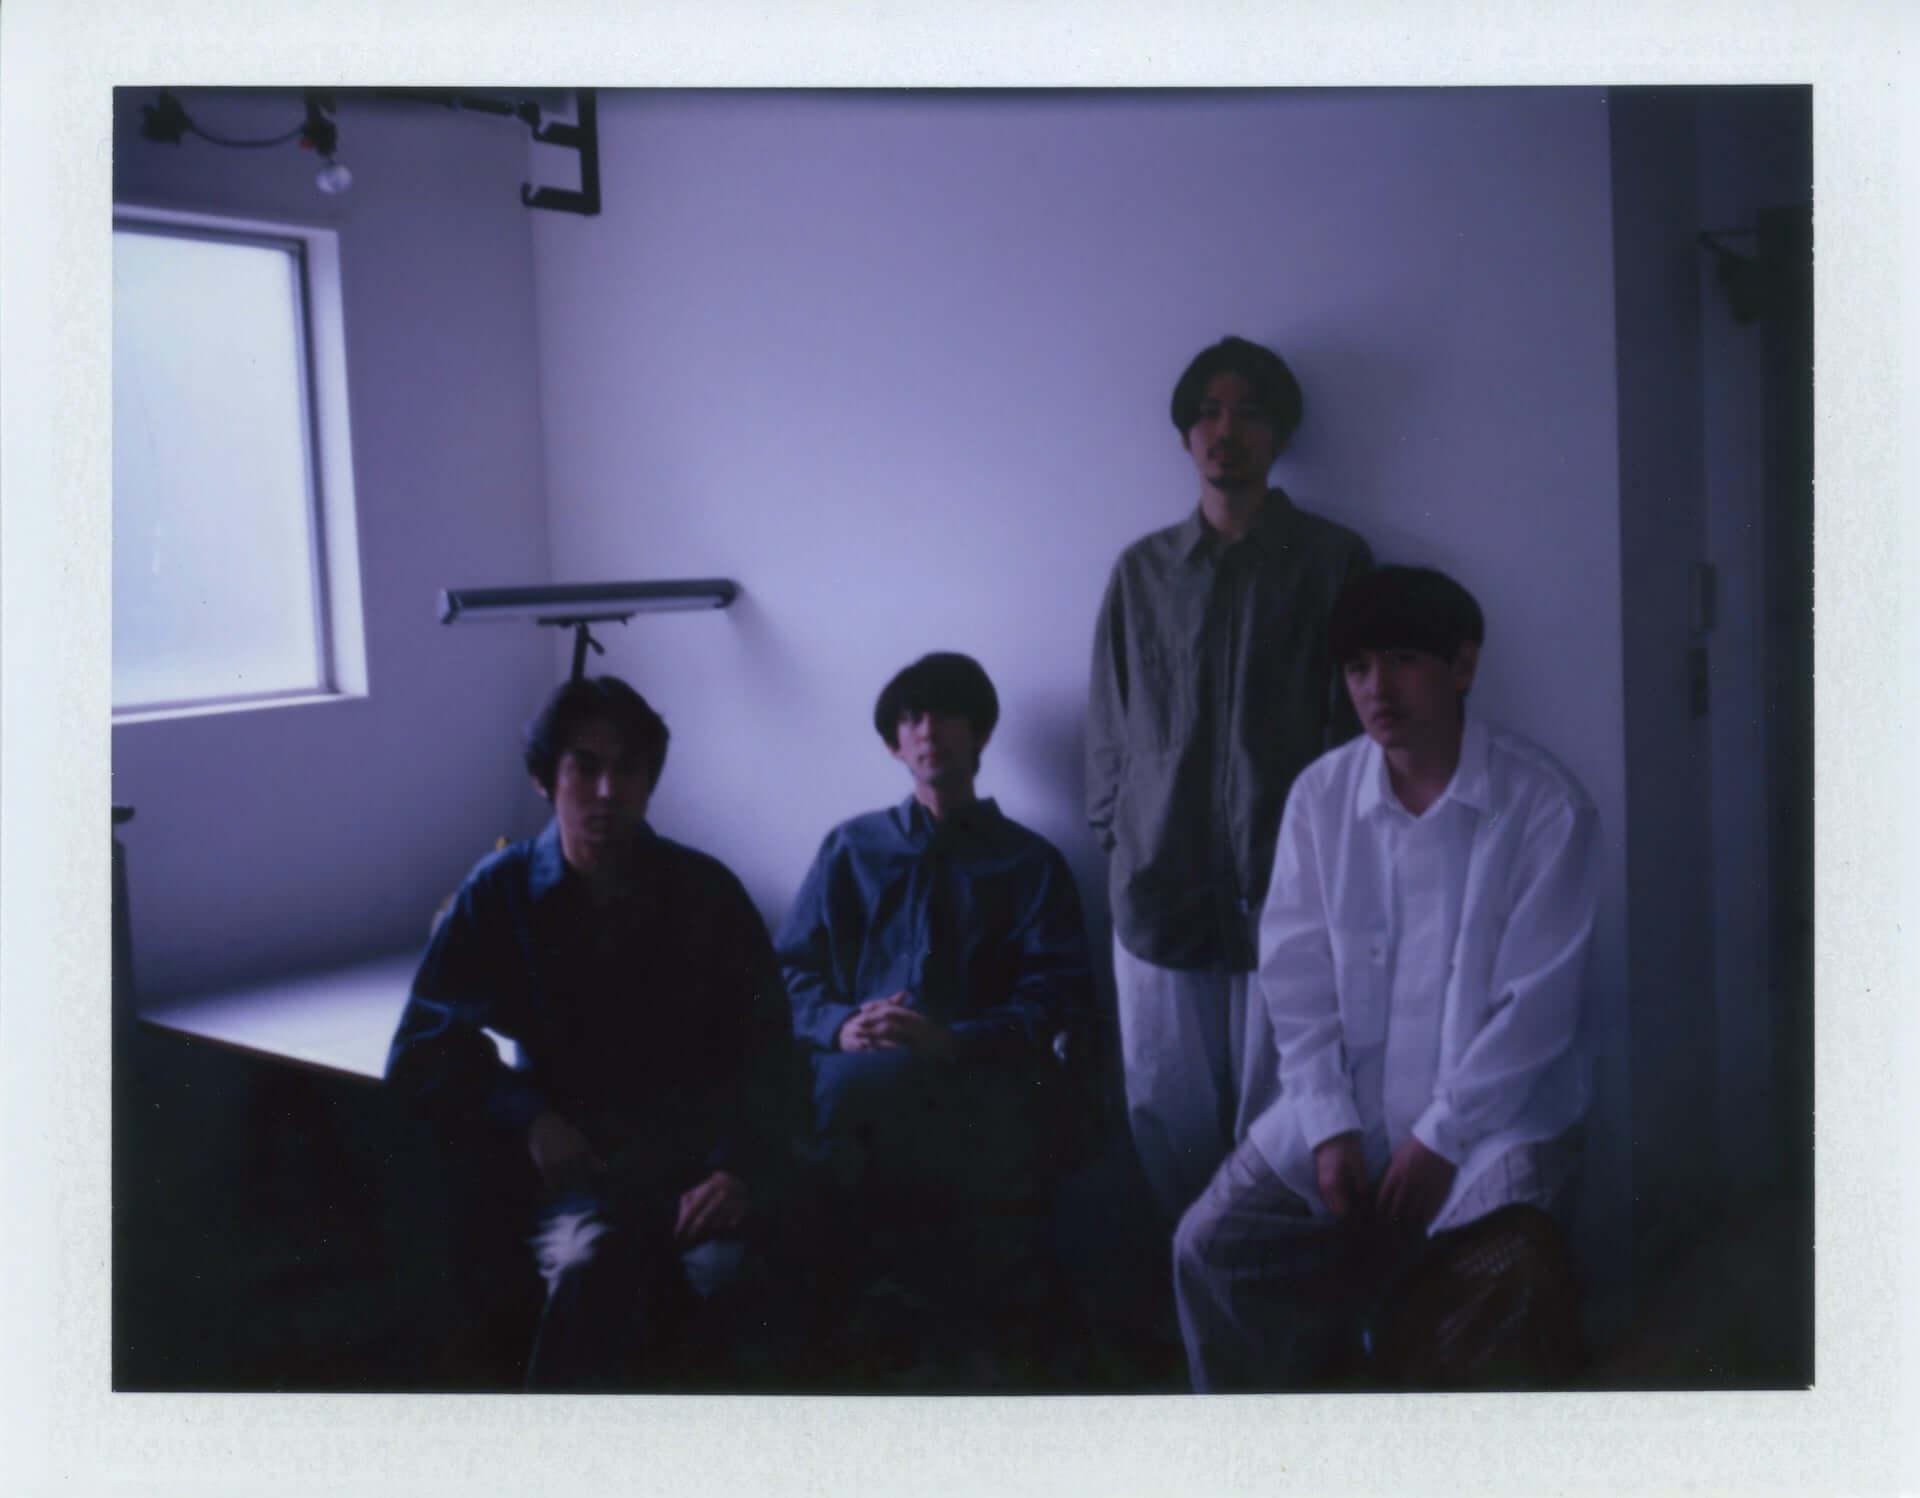 ミツメ、2年ぶりの新アルバム『Ⅵ』をリリース決定!CDボーナストラックにはSTUTSとのコラボ曲を収録 music210125_mitsume_1-1920x1498